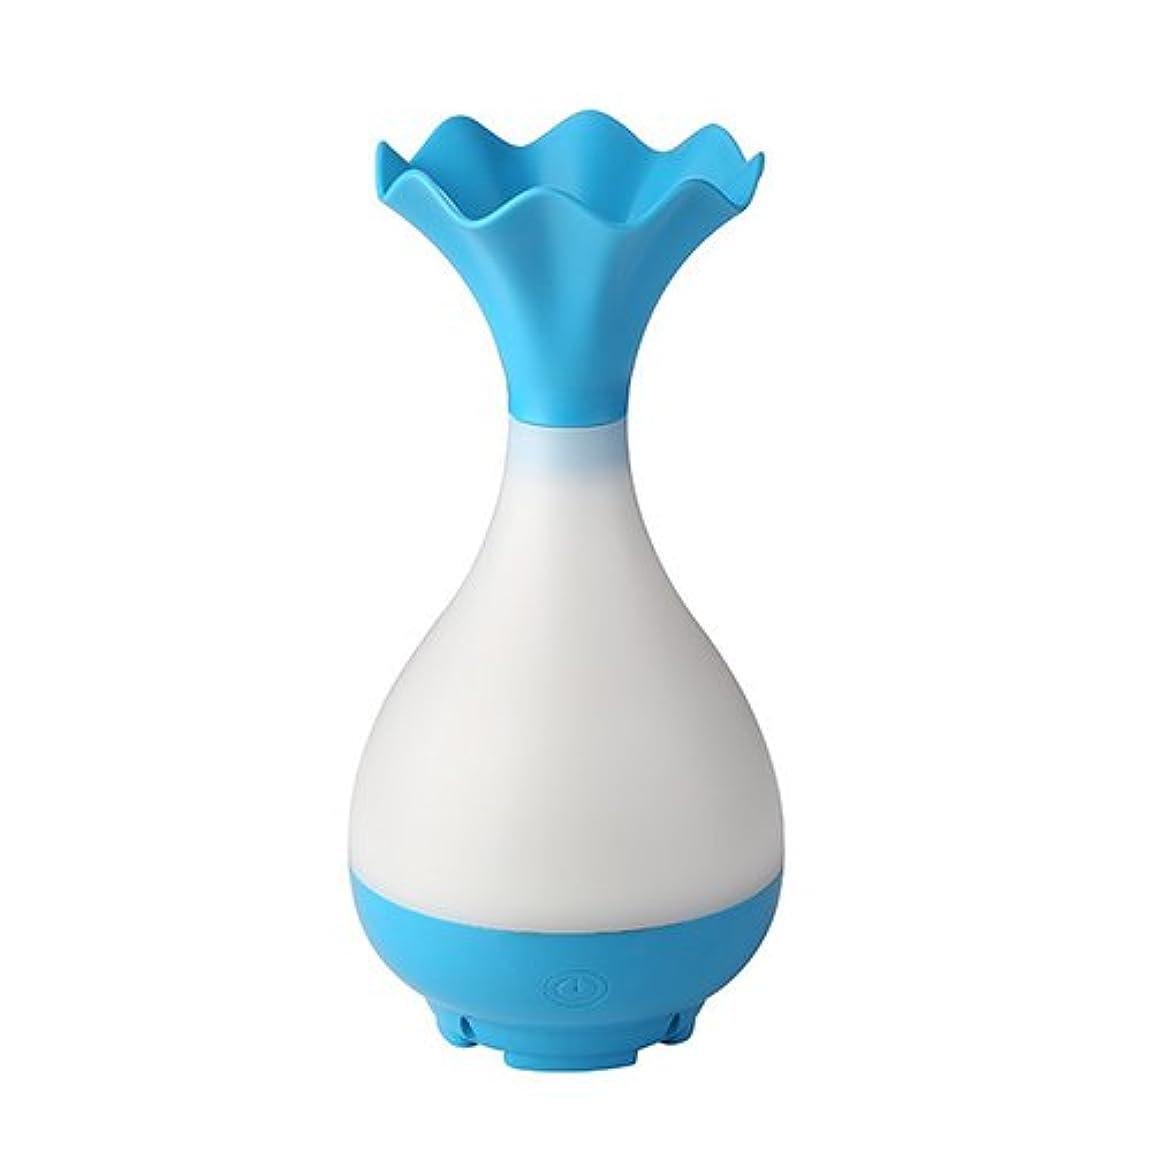 モンスター暴力的な流行しているMystic Moments | Blue Vase Bottle USB Aromatherapy Oil Humidifier Diffuser with LED Lighting